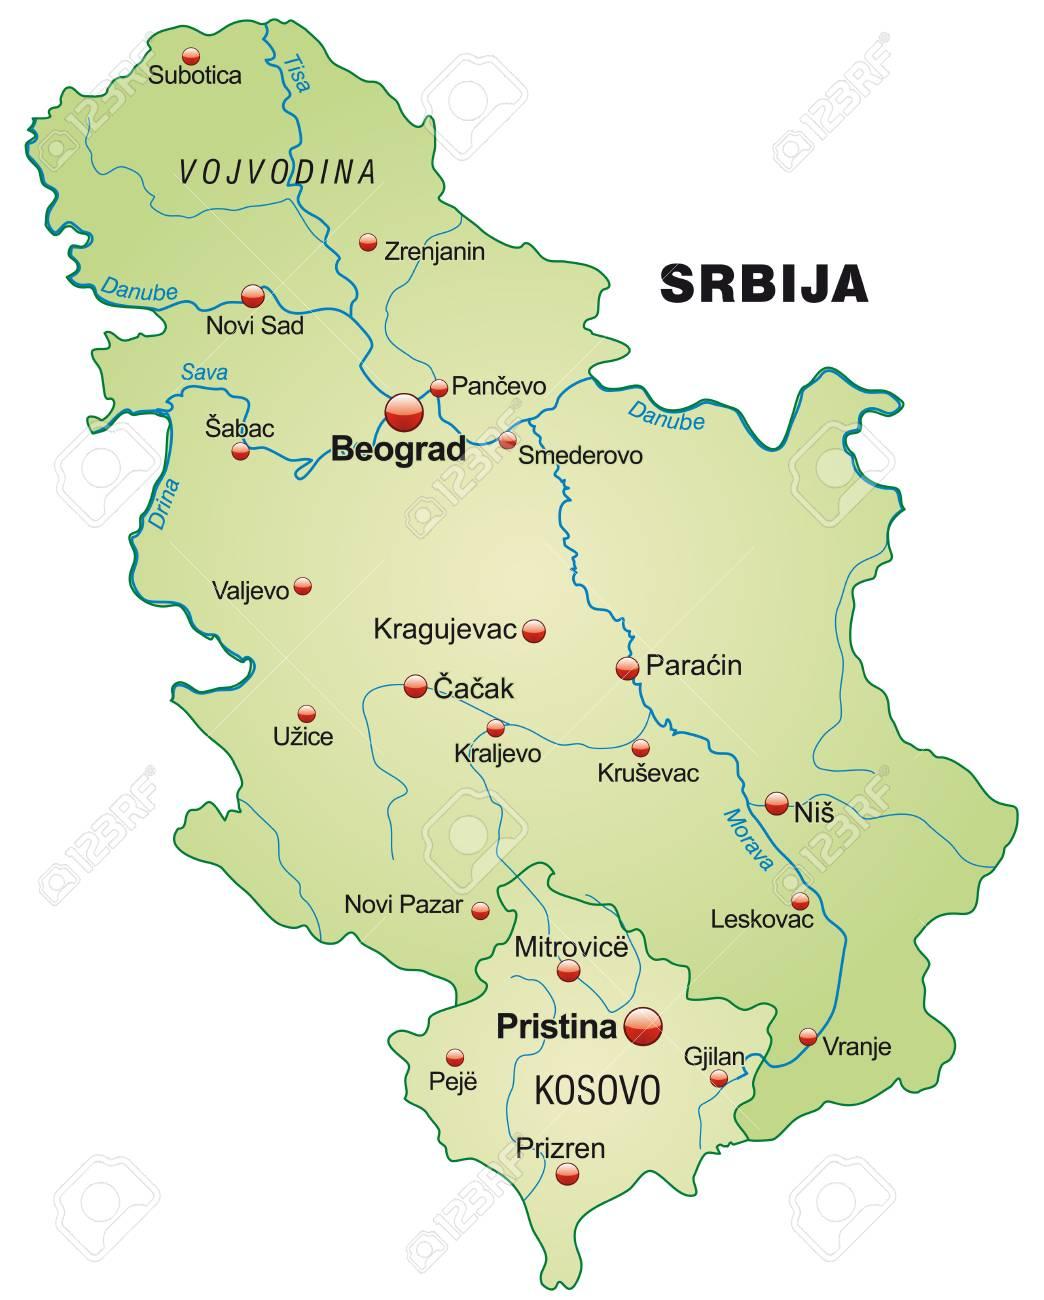 Karte Von Serbien Als Ubersichtskarte In Pastell Grun Lizenzfrei